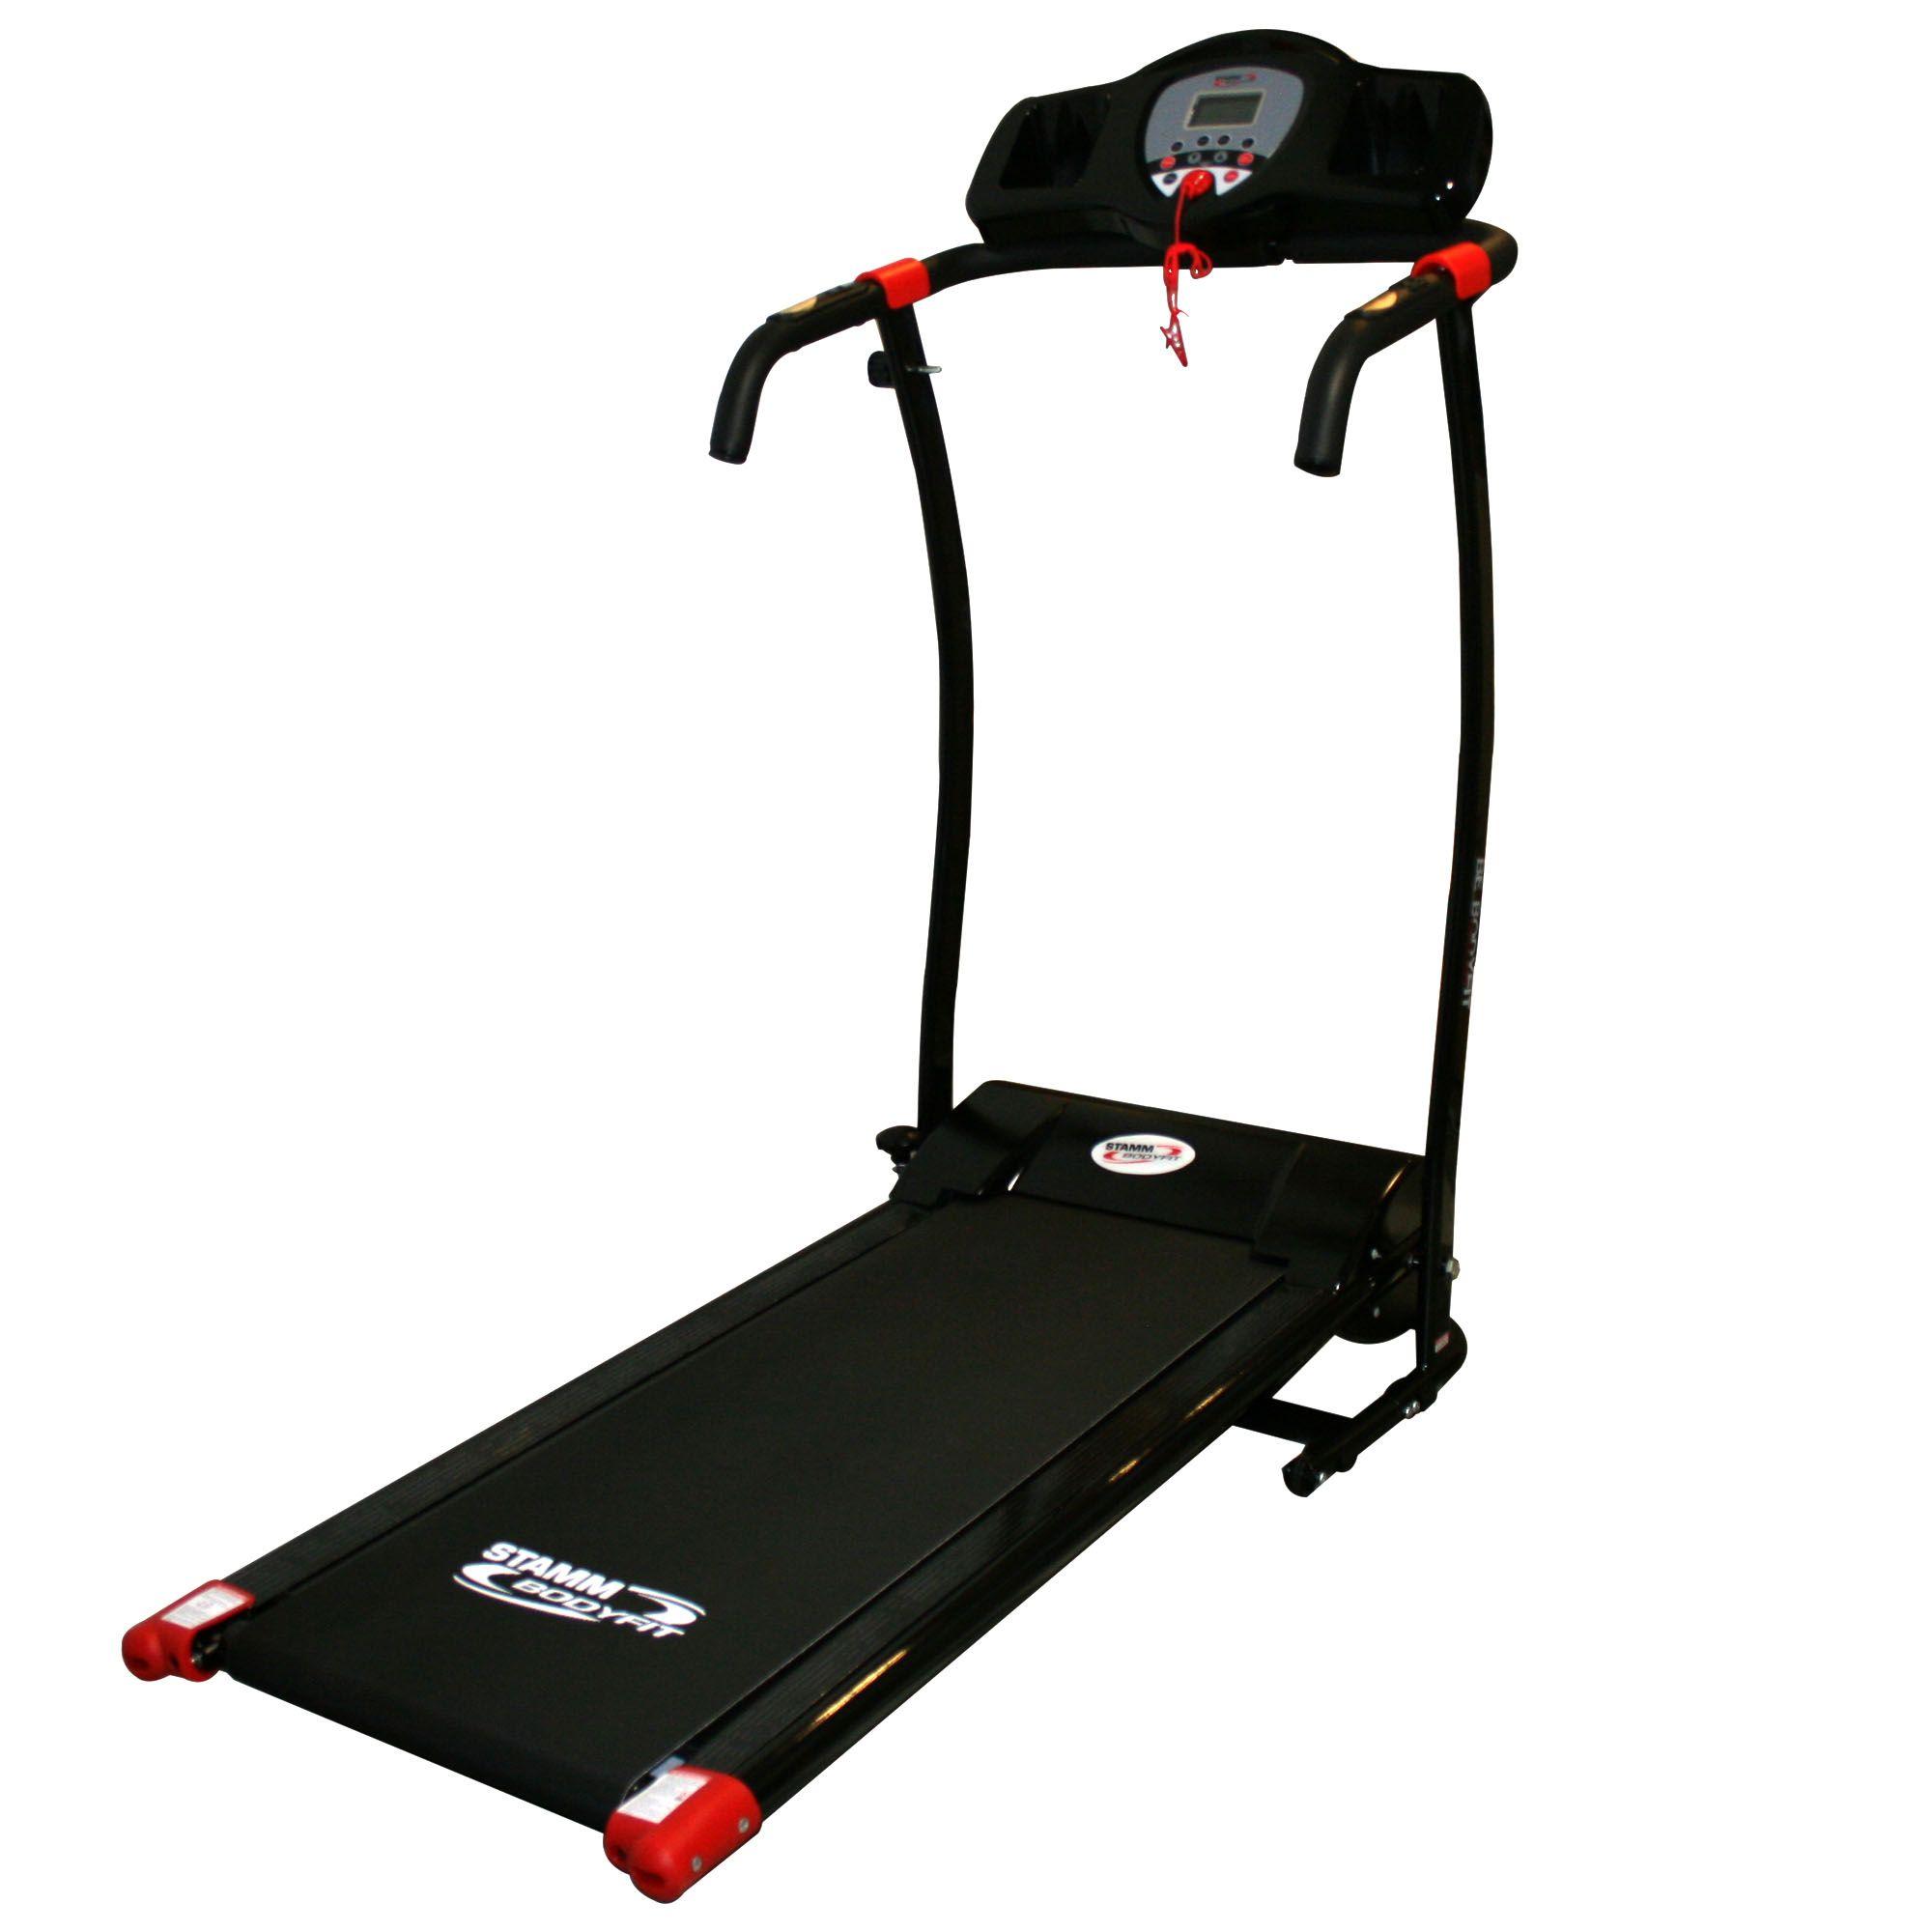 Stamm Bodyfit Track 850 Folding Treadmill - Sweatband.com